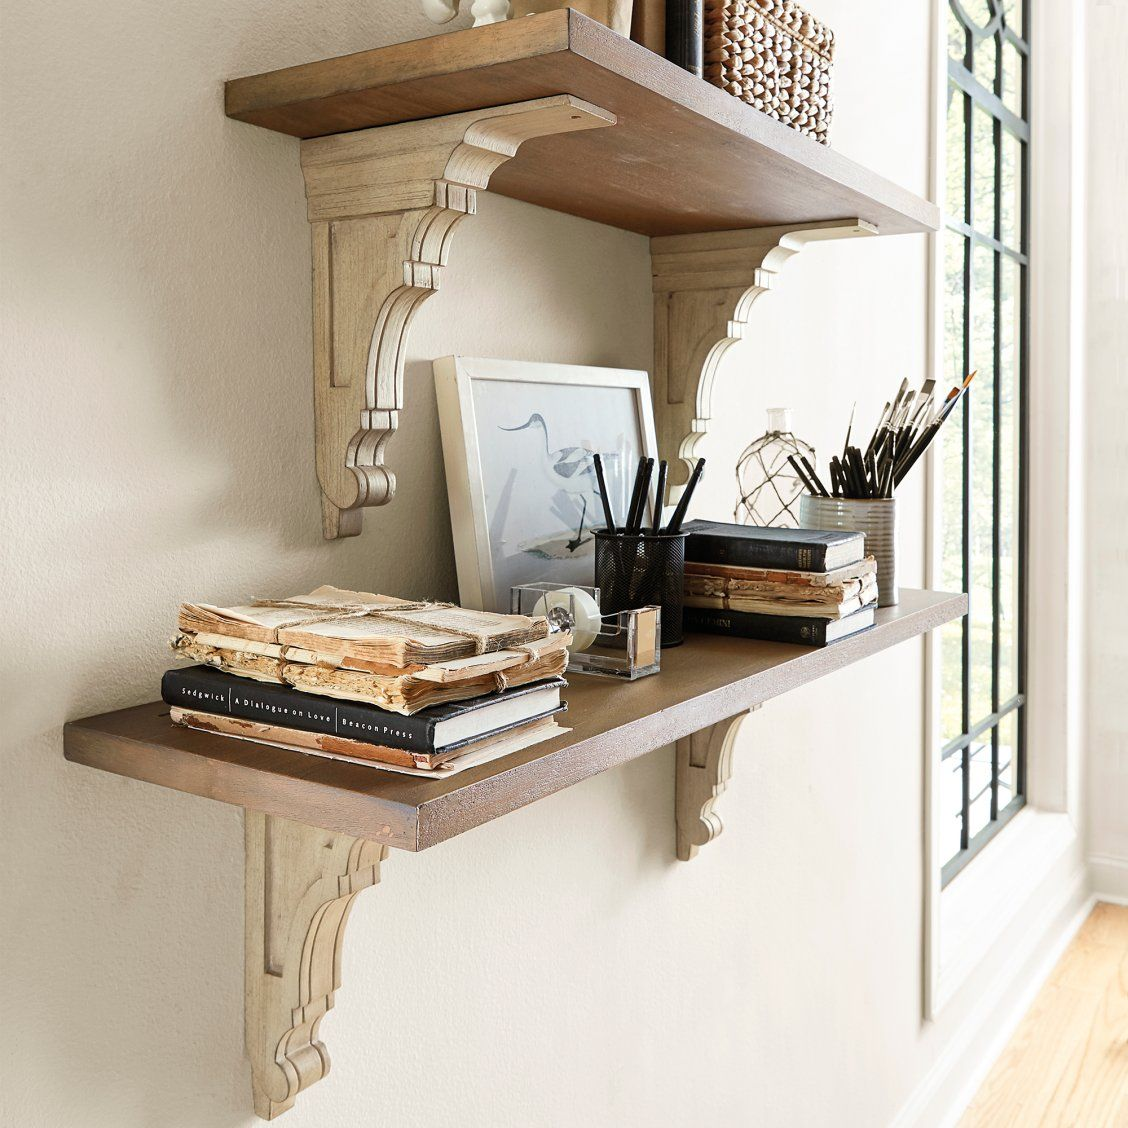 Mix Match Wooden Shelves Brackets Wooden Shelf Brackets Shelves Wooden Shelves